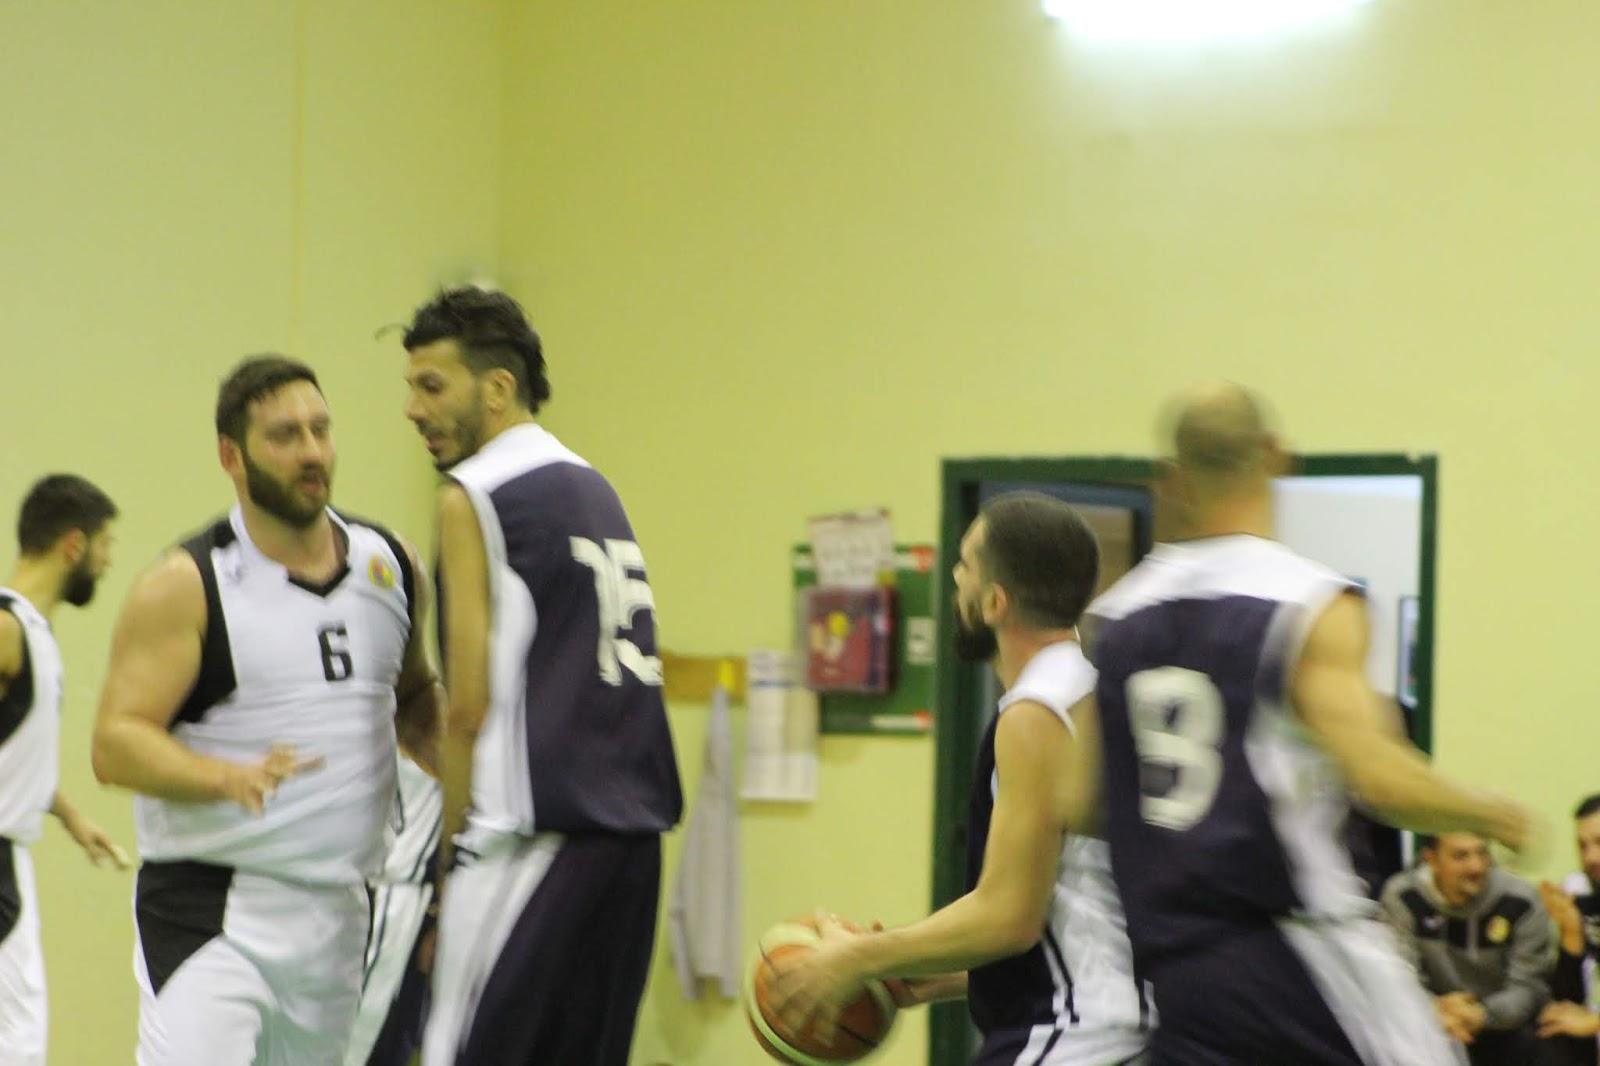 Giocatori di basket sito di incontri